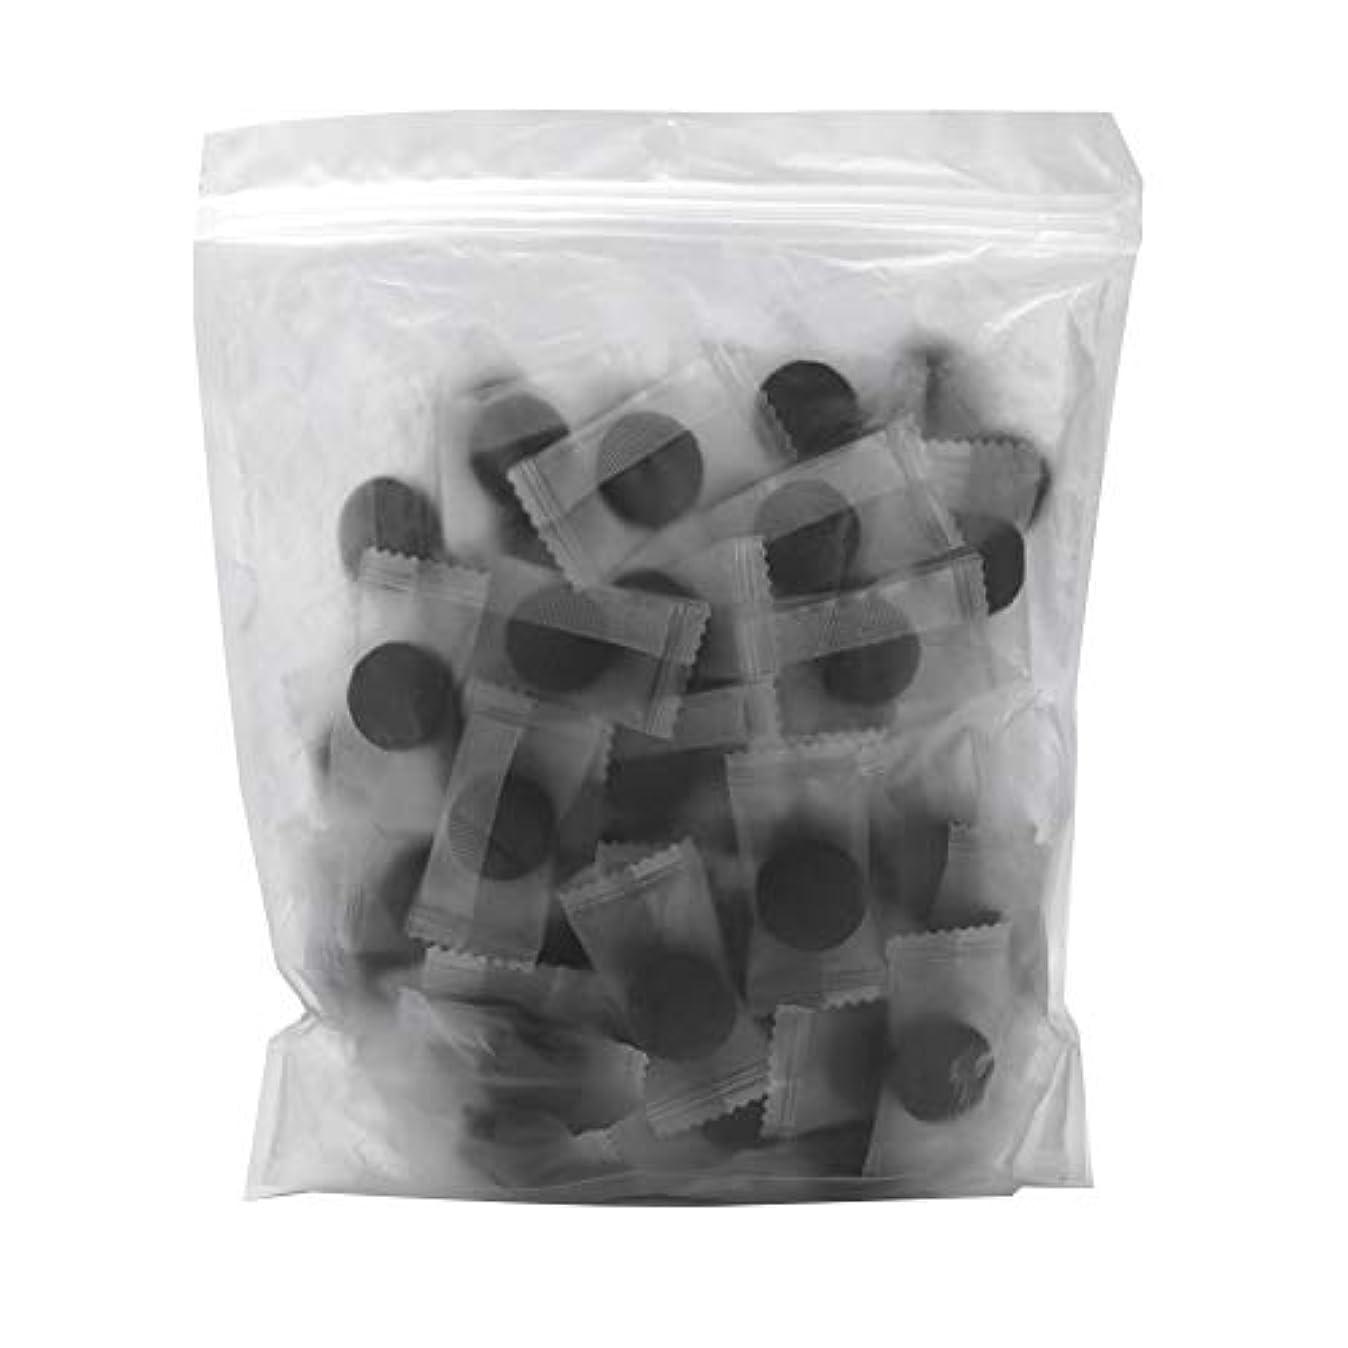 超える控えめな対応する竹炭繊維 100ピース 圧縮フェースマスク 紙DIY スキンケア diy フェイシャルマスク